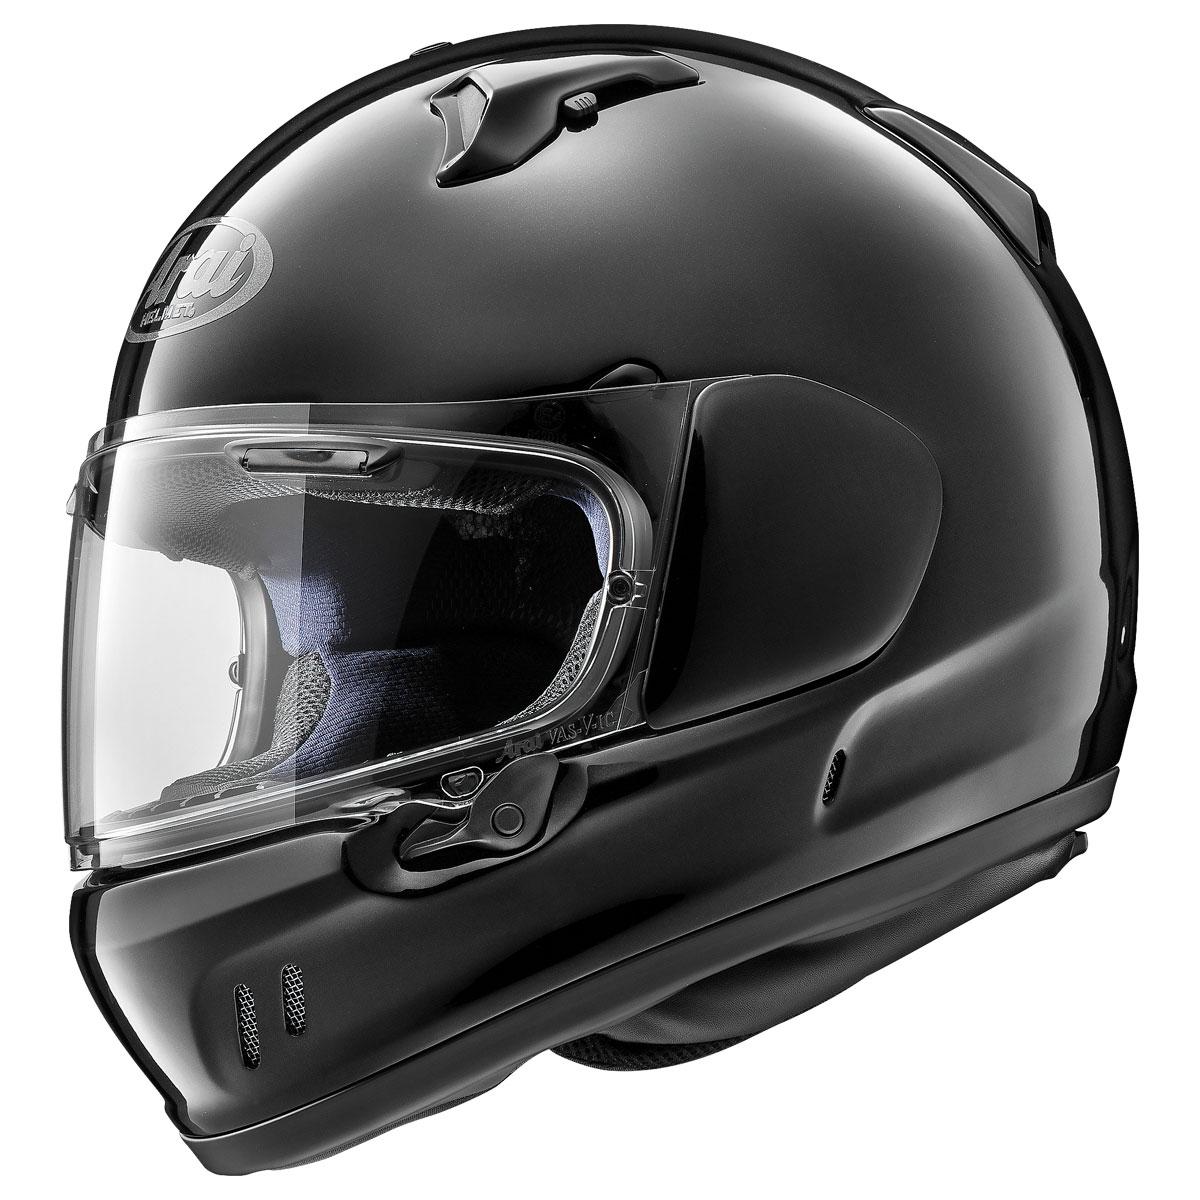 Arai Defiant-X Black Full Face Helmet